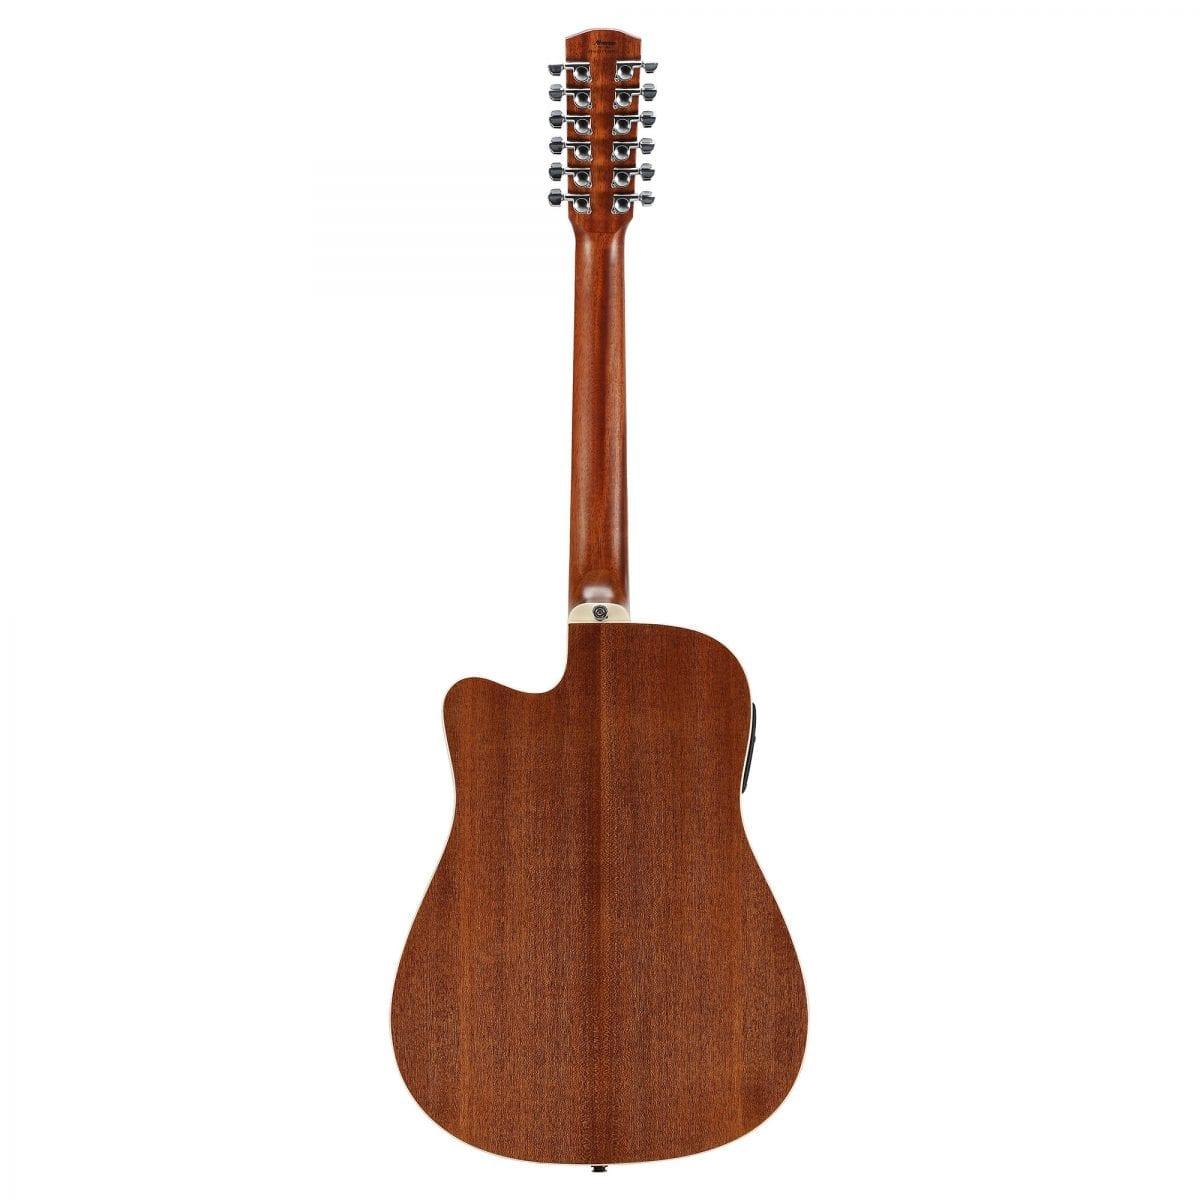 גיטרה אקוסטית 12 מיתרים